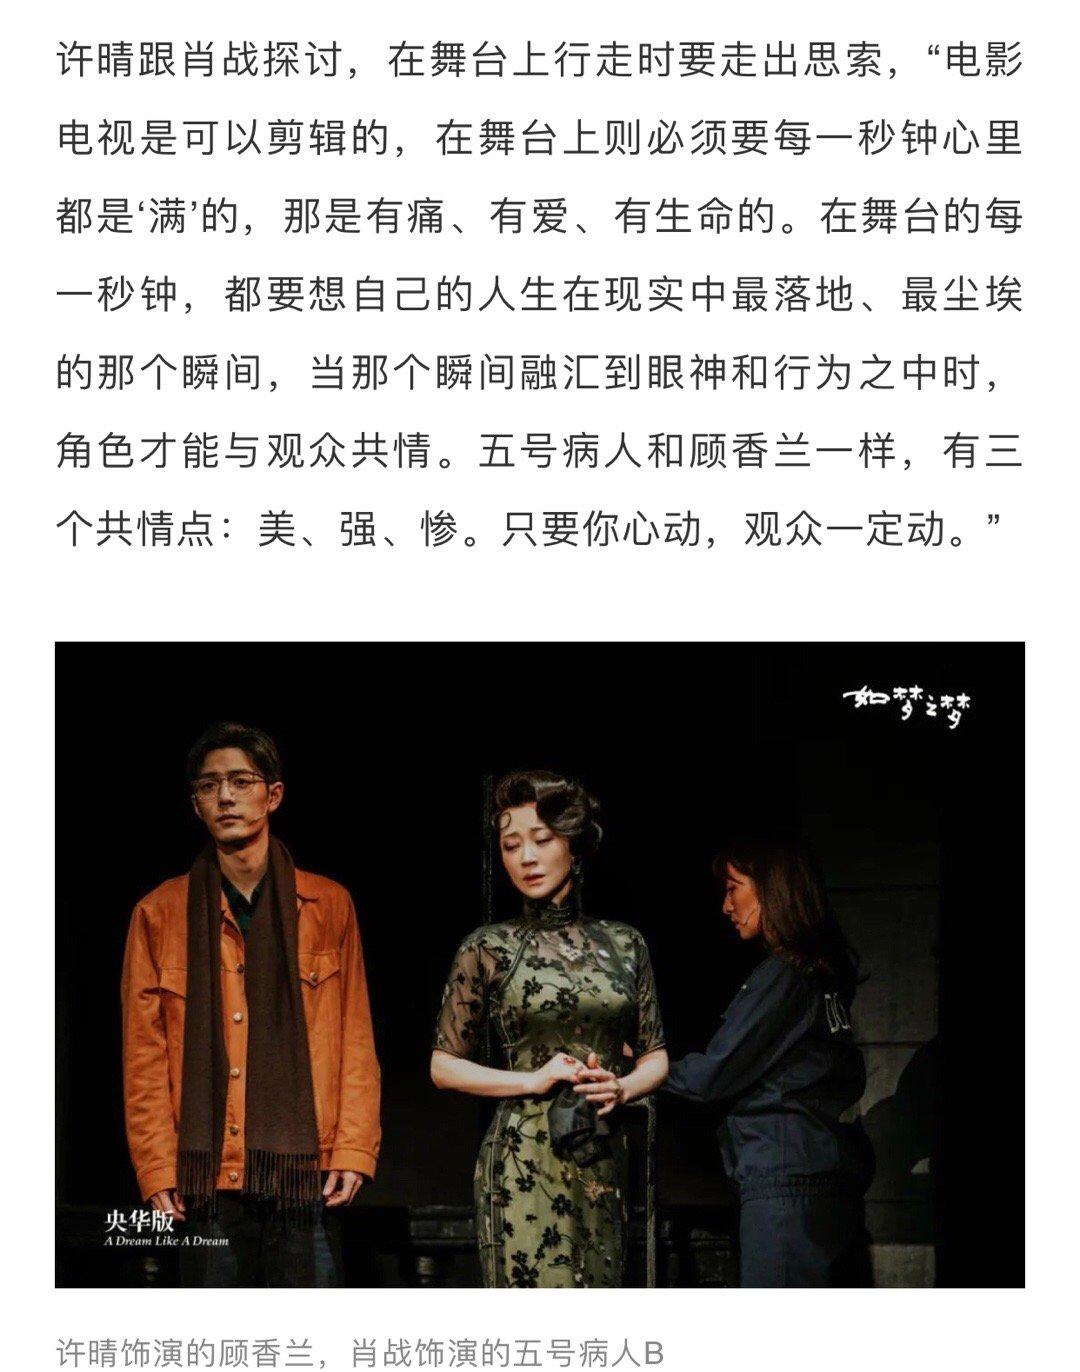 许晴说肖战演的五号病人是美强惨 话剧演员肖战用演技获得观众认可